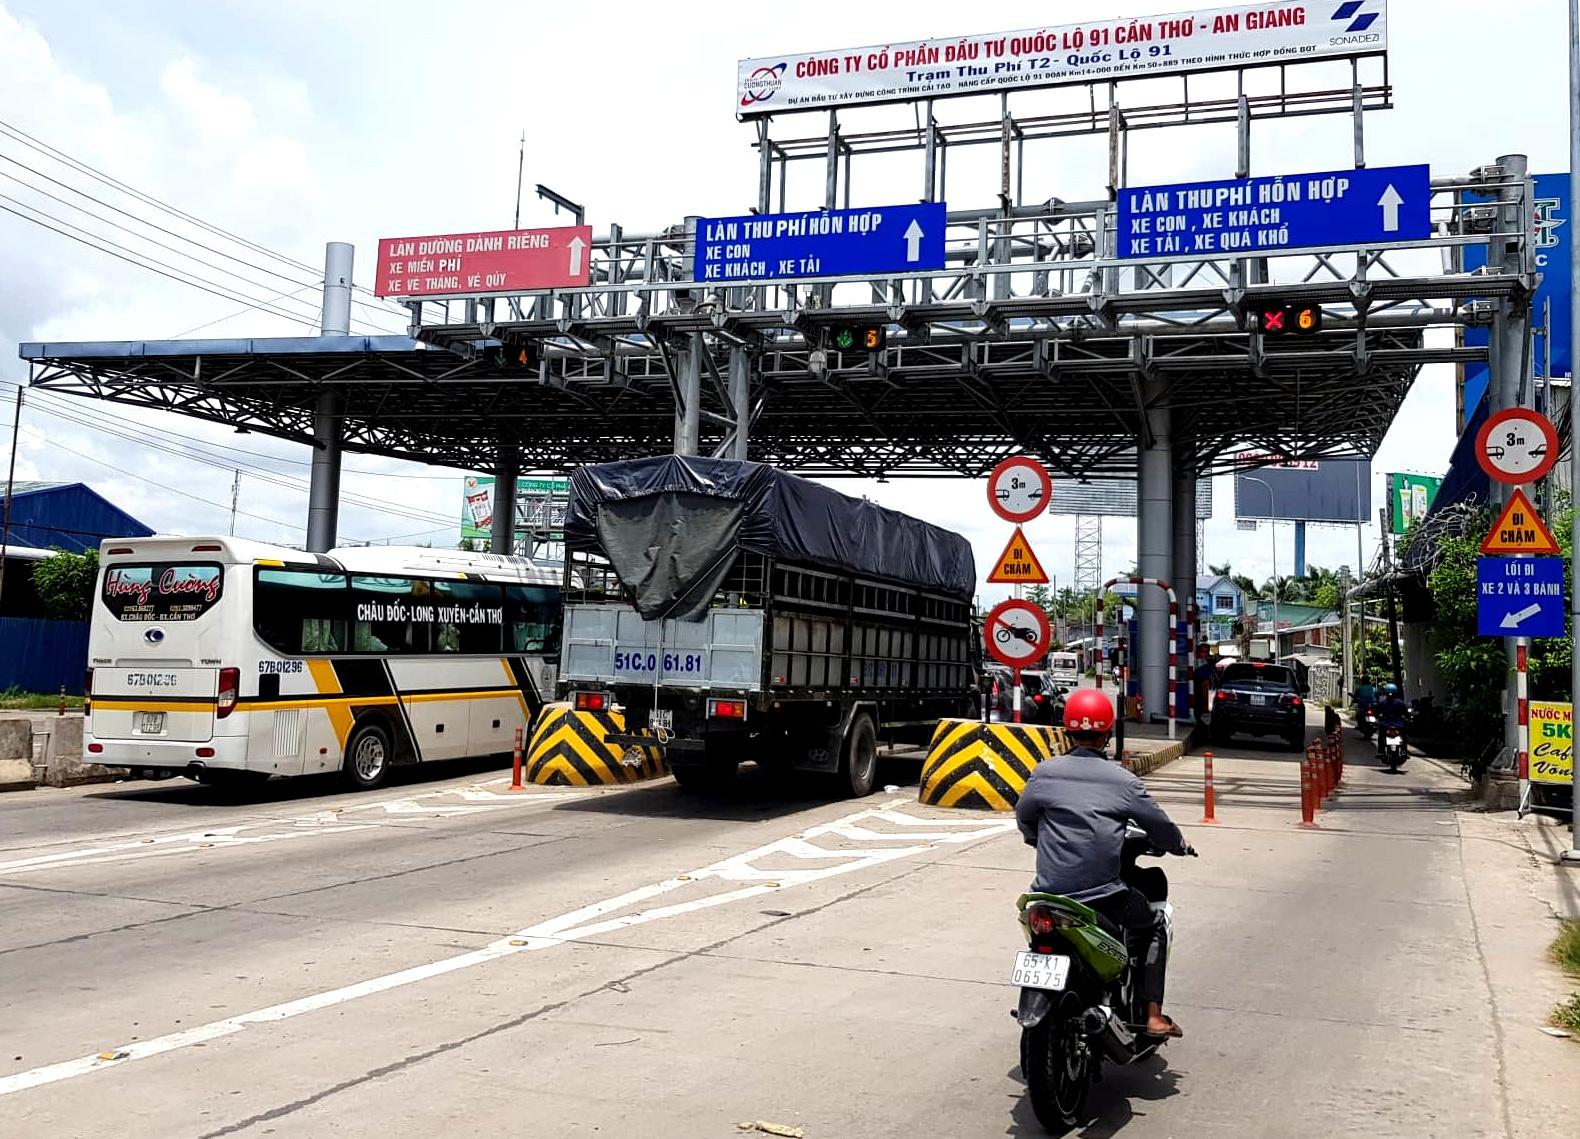 Mở rộng diện giảm giá cho các phương tiện quanh trạm thu phí T2 QL91